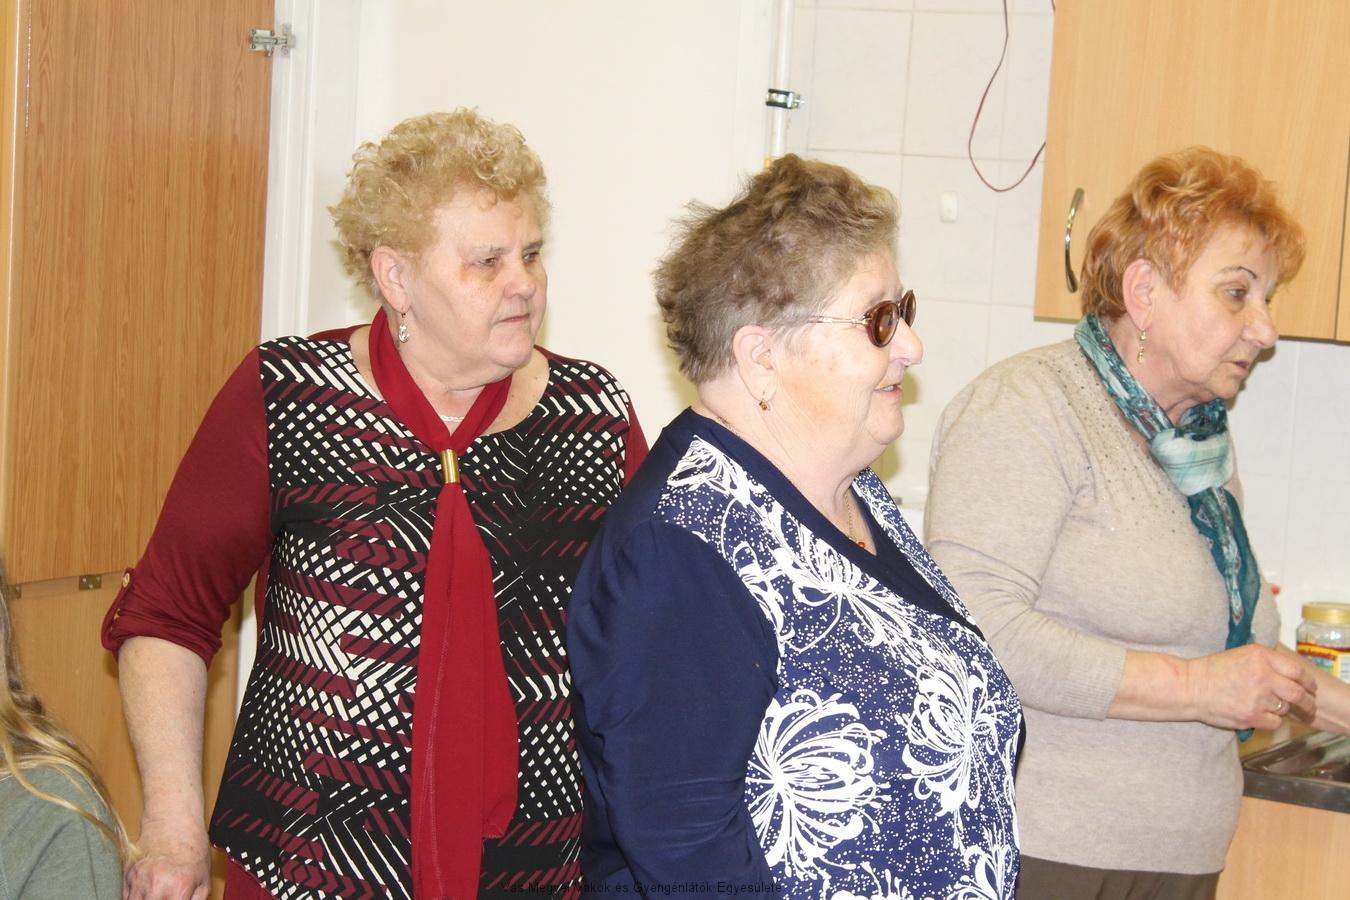 Feketéné Terike saját versét mondja. Mellette a két Marika, Kissné és Nagyné állnak.